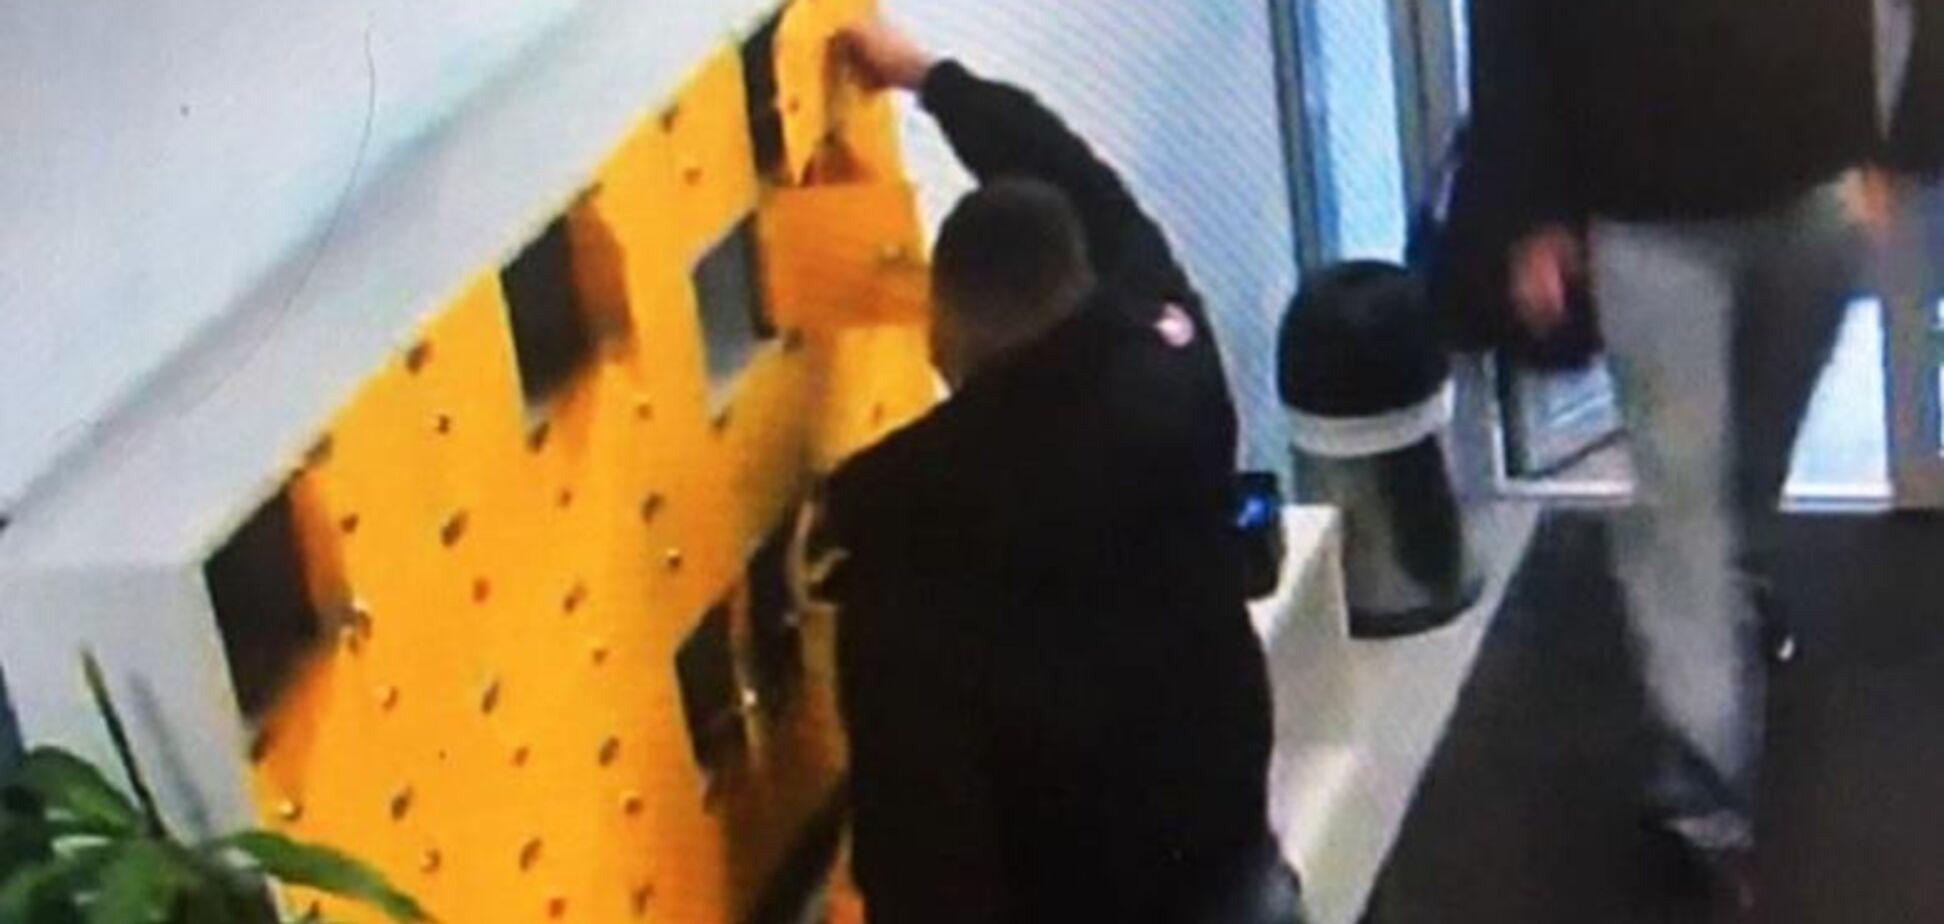 Забирали ноутбуки, телефоны и документы: в Киеве поймали воров, которые 'работали' в спортзалах